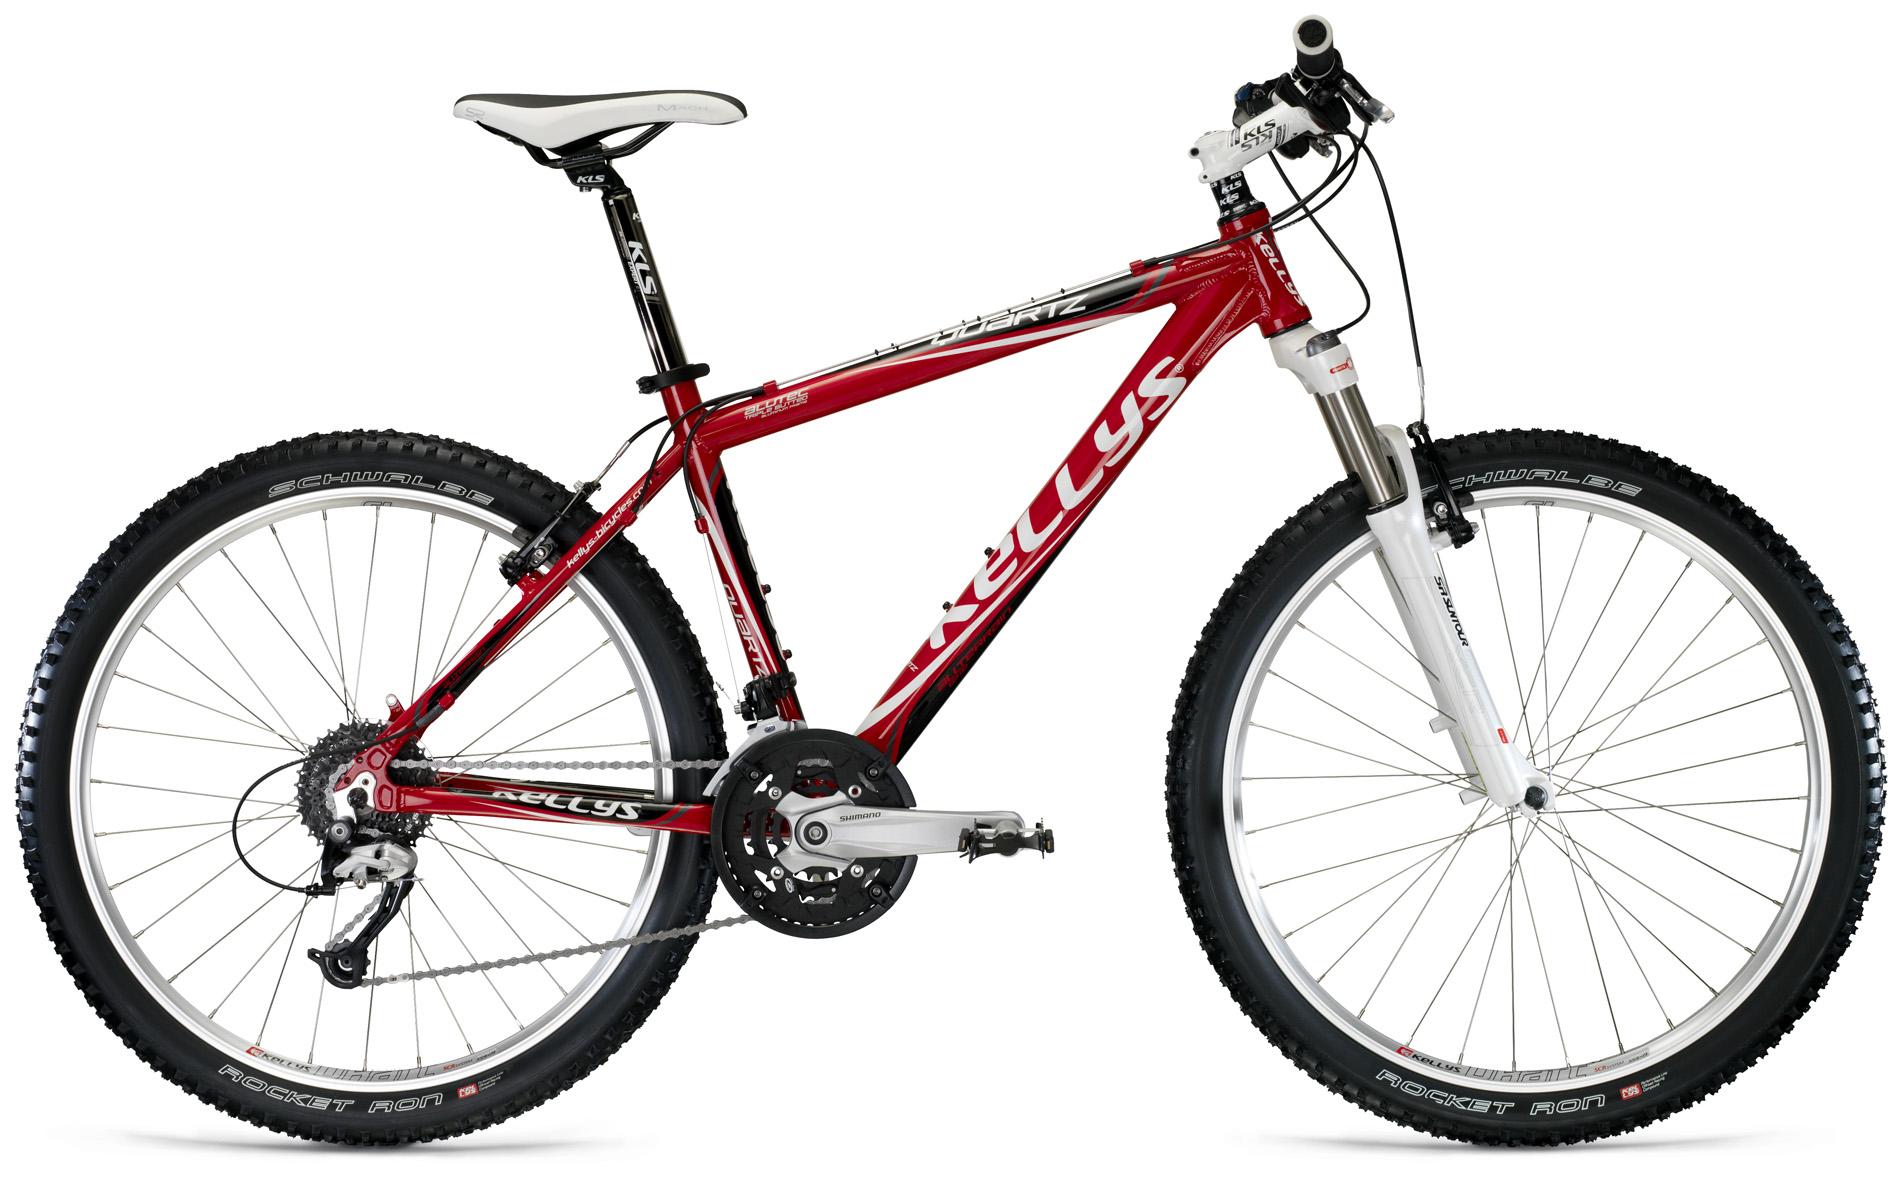 http://www.kellys.com.ua/bikes/2011/QUARTZred.jpg